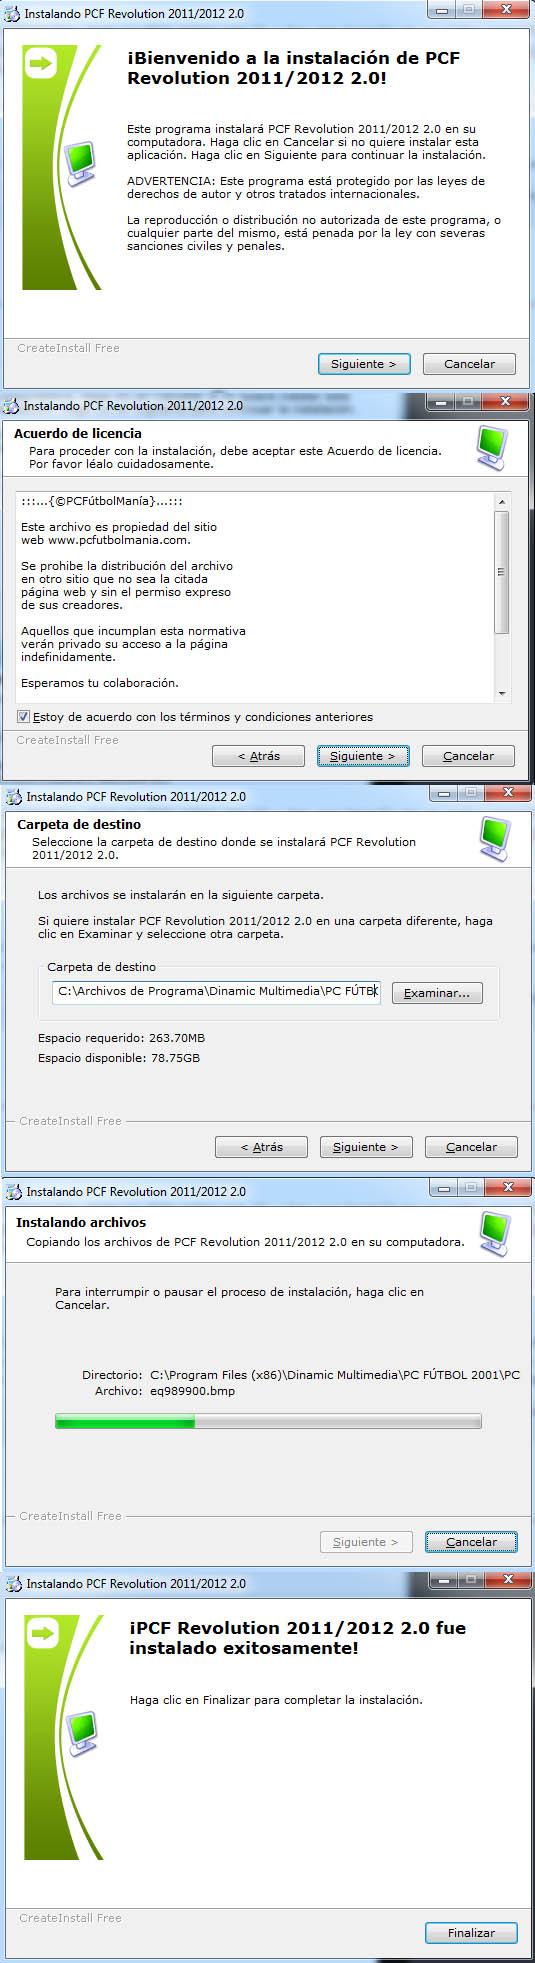 Imagen tutorial PC Futbol 2001 plantillas actualizadas 07